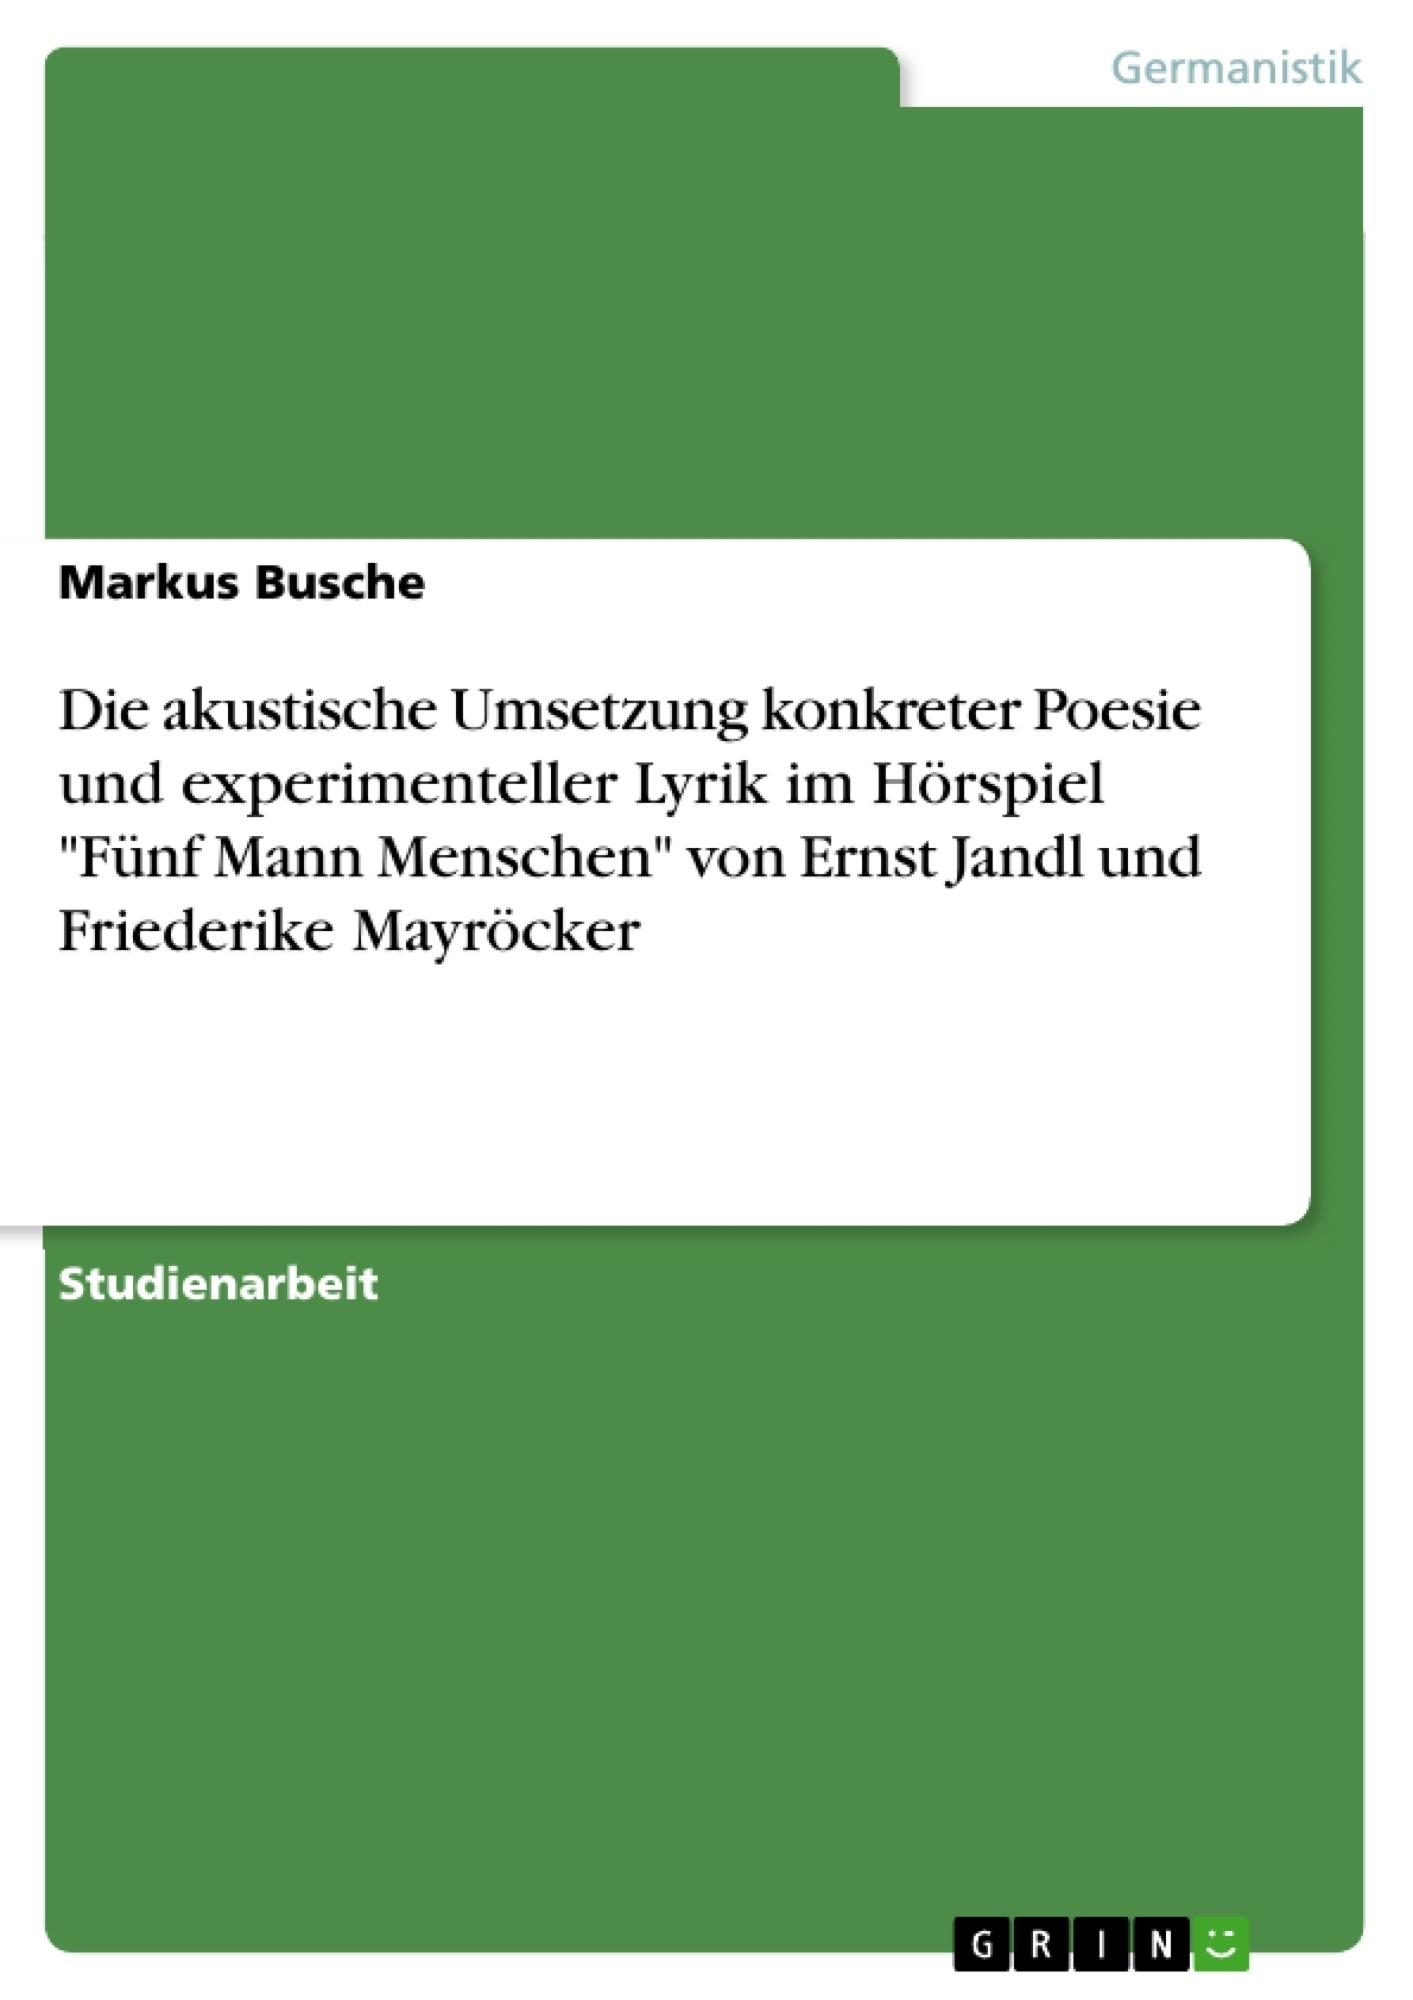 """Titel: Die akustische Umsetzung konkreter Poesie und experimenteller Lyrik im Hörspiel """"Fünf Mann Menschen"""" von Ernst Jandl und Friederike Mayröcker"""